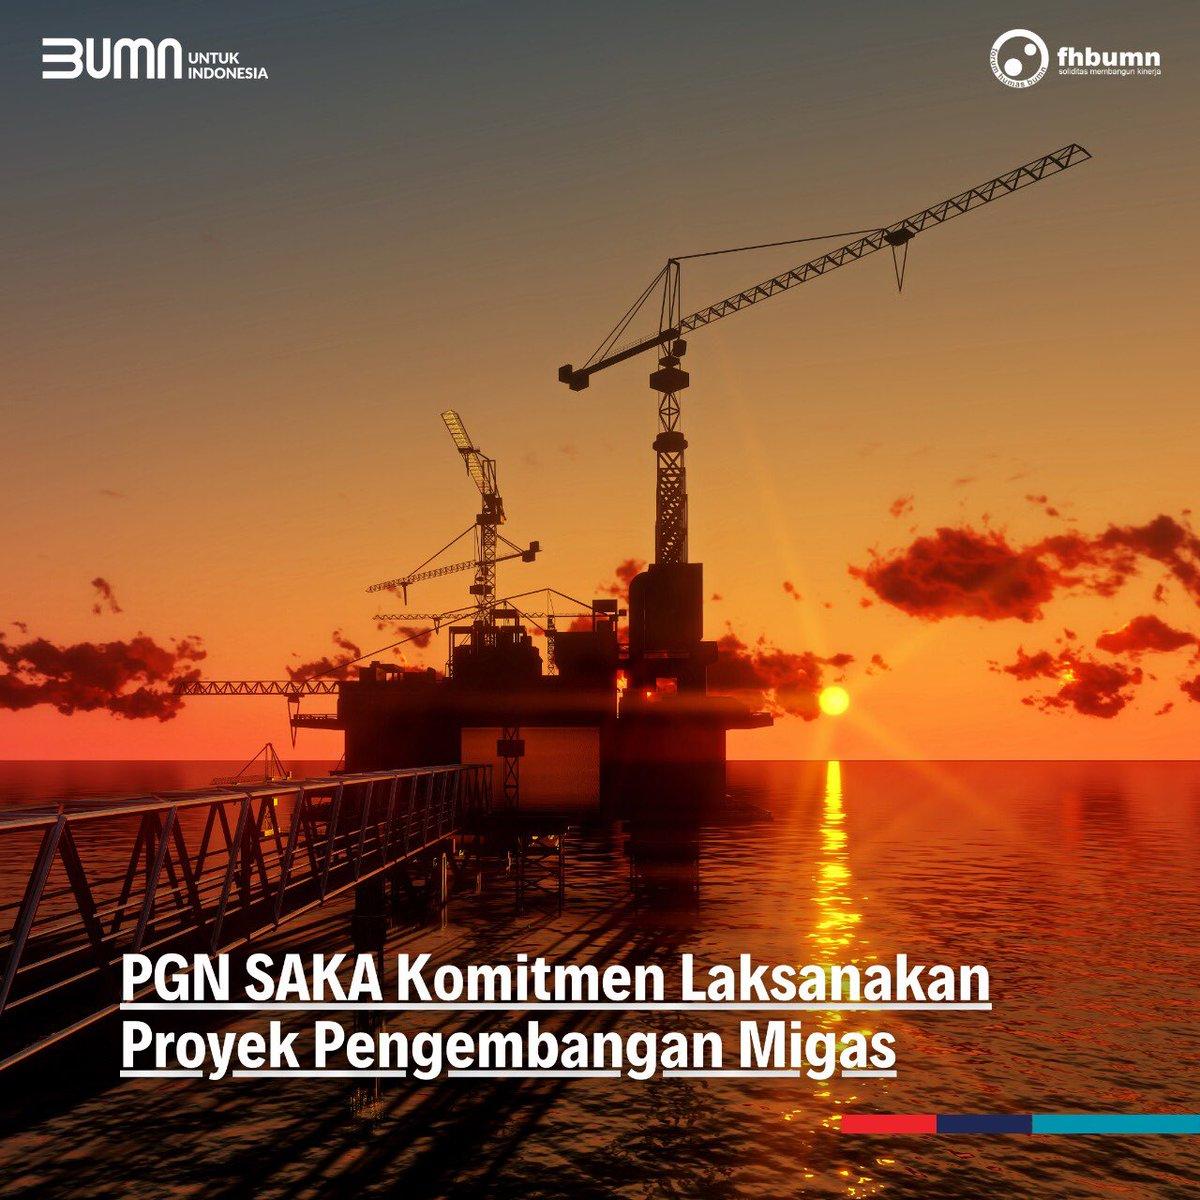 PGN SAKA, anak usaha @Gas_Negara di bidang hulu minyak dan gas bumi, terus berkomitmen menjalankan 2 proyek pengembangan lapangan baru, yaitu Lapangan Sidayu dan Lapangan West Pangkah.  #PGN #BUMNuntukIndonesia #FHBUMN https://t.co/sXQ6bDWOu6